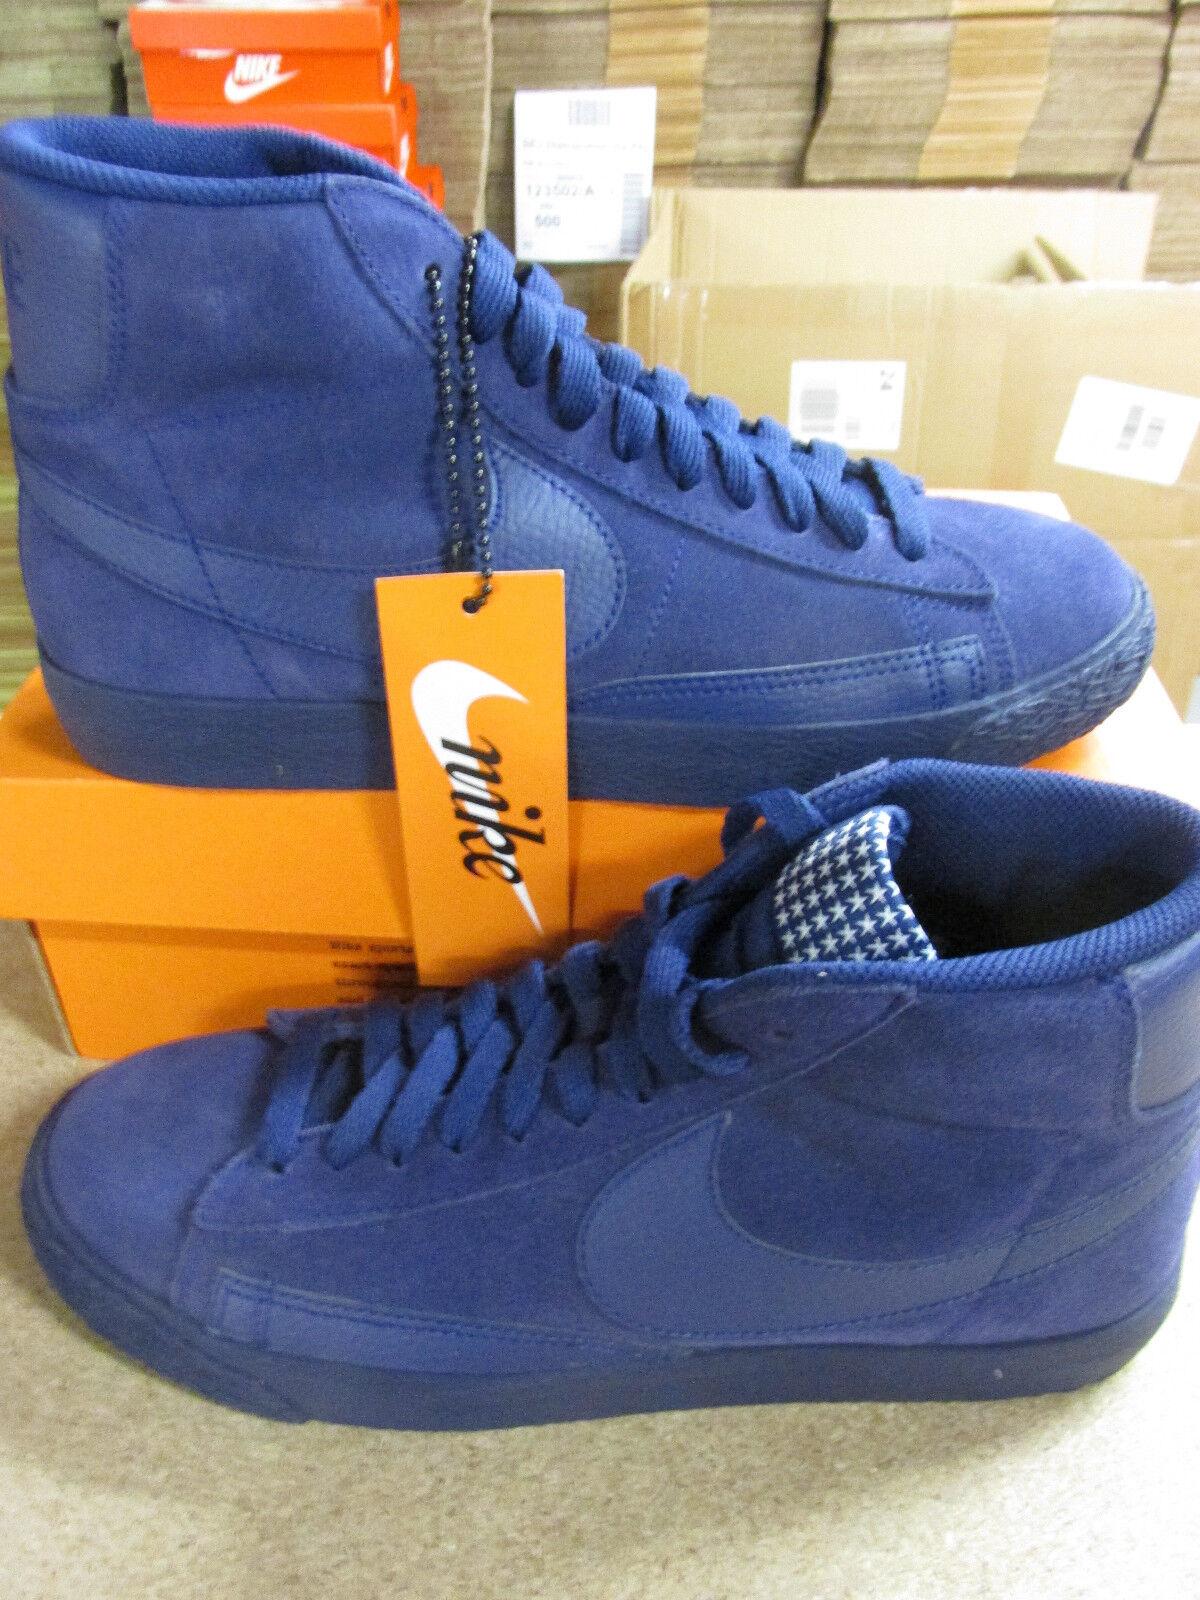 Nike blazer metà sonodiventate vntg Uomo hi top formatori 638261 404 scarpe, scarpe